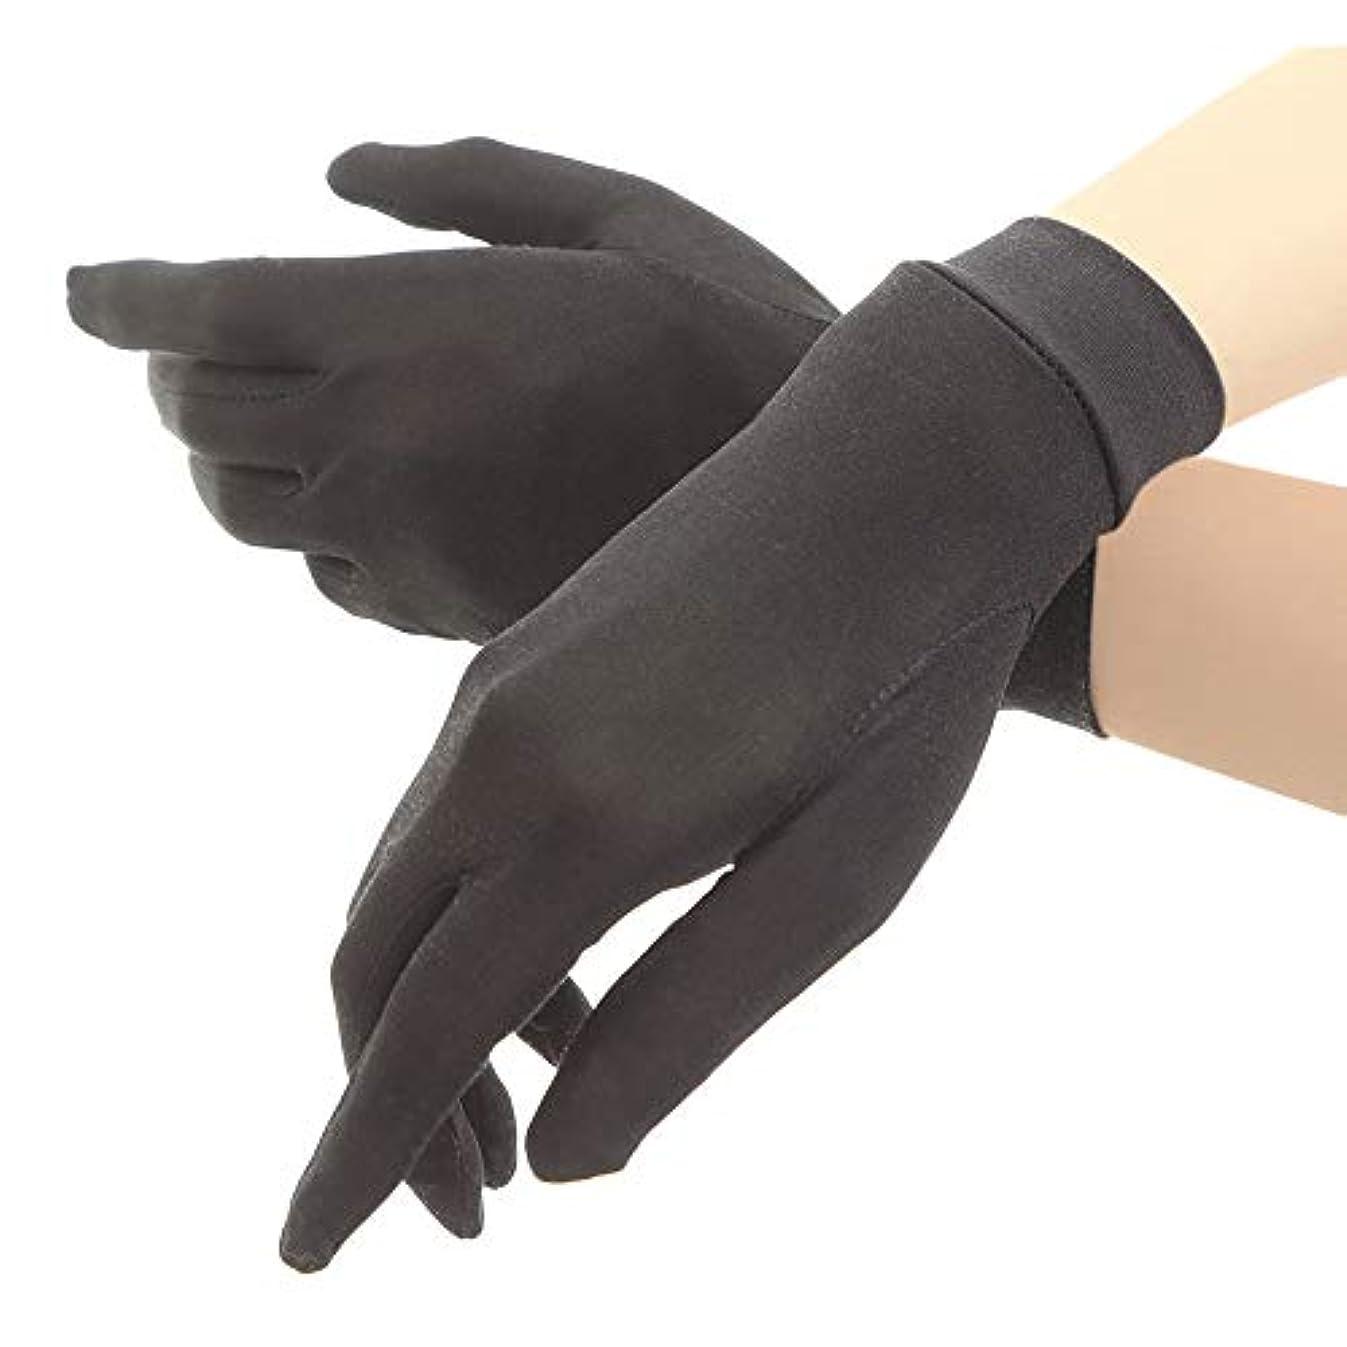 思想ご覧ください覚醒シルク手袋 レディース 手袋 シルク 絹 ハンド ケア 保湿 紫外線 肌荒れ 乾燥 サイズアップで手指にマッチ 【macch】